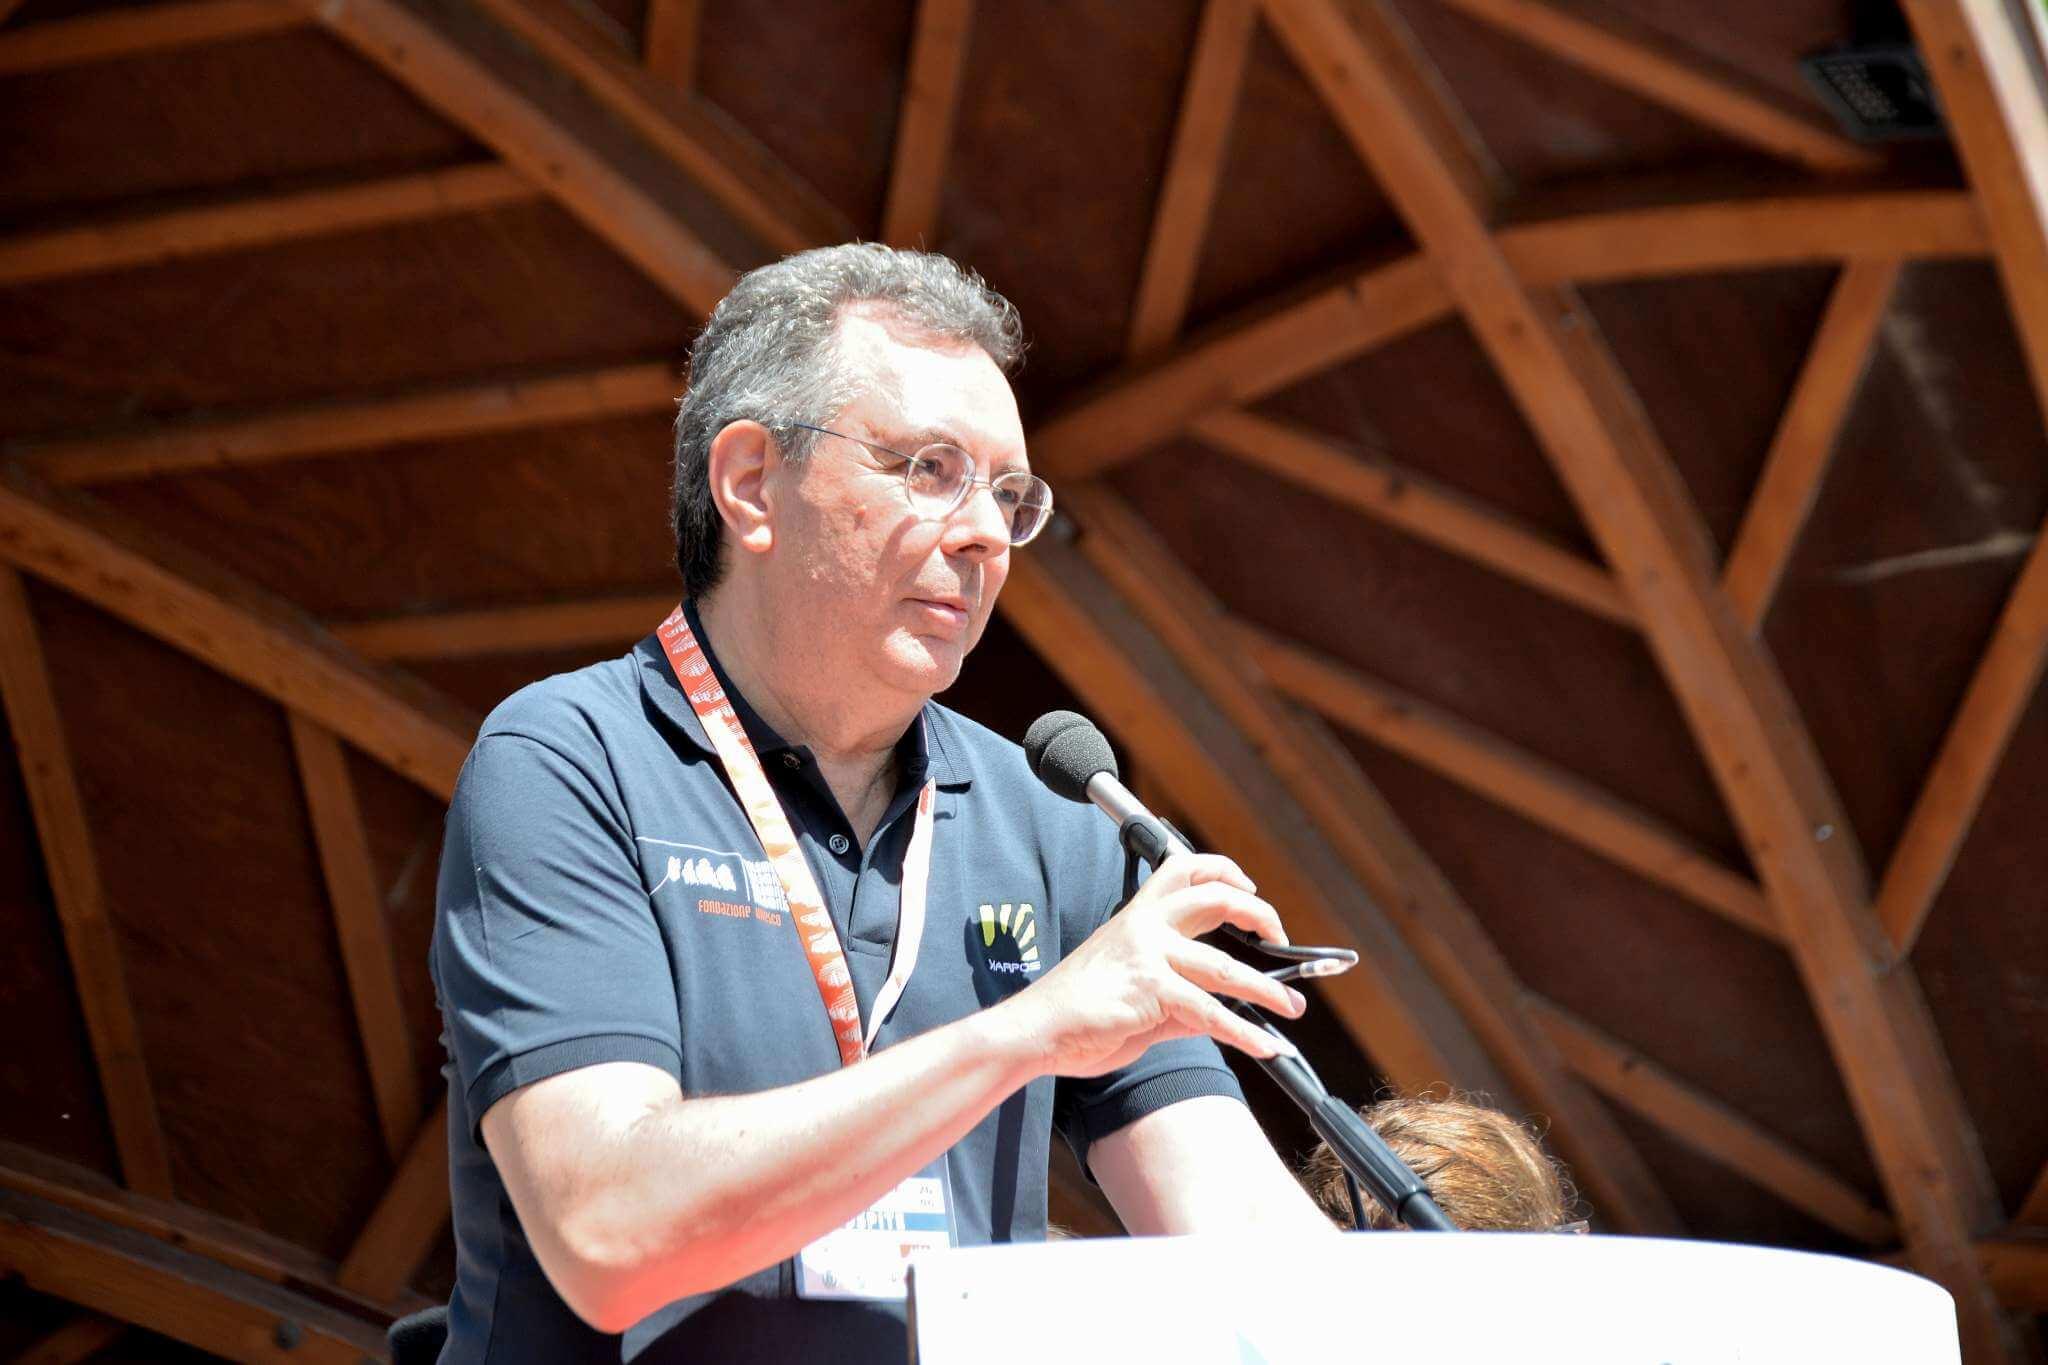 Presidente Fondazione Dolomiti Unesco_Graziano Pizzimenti